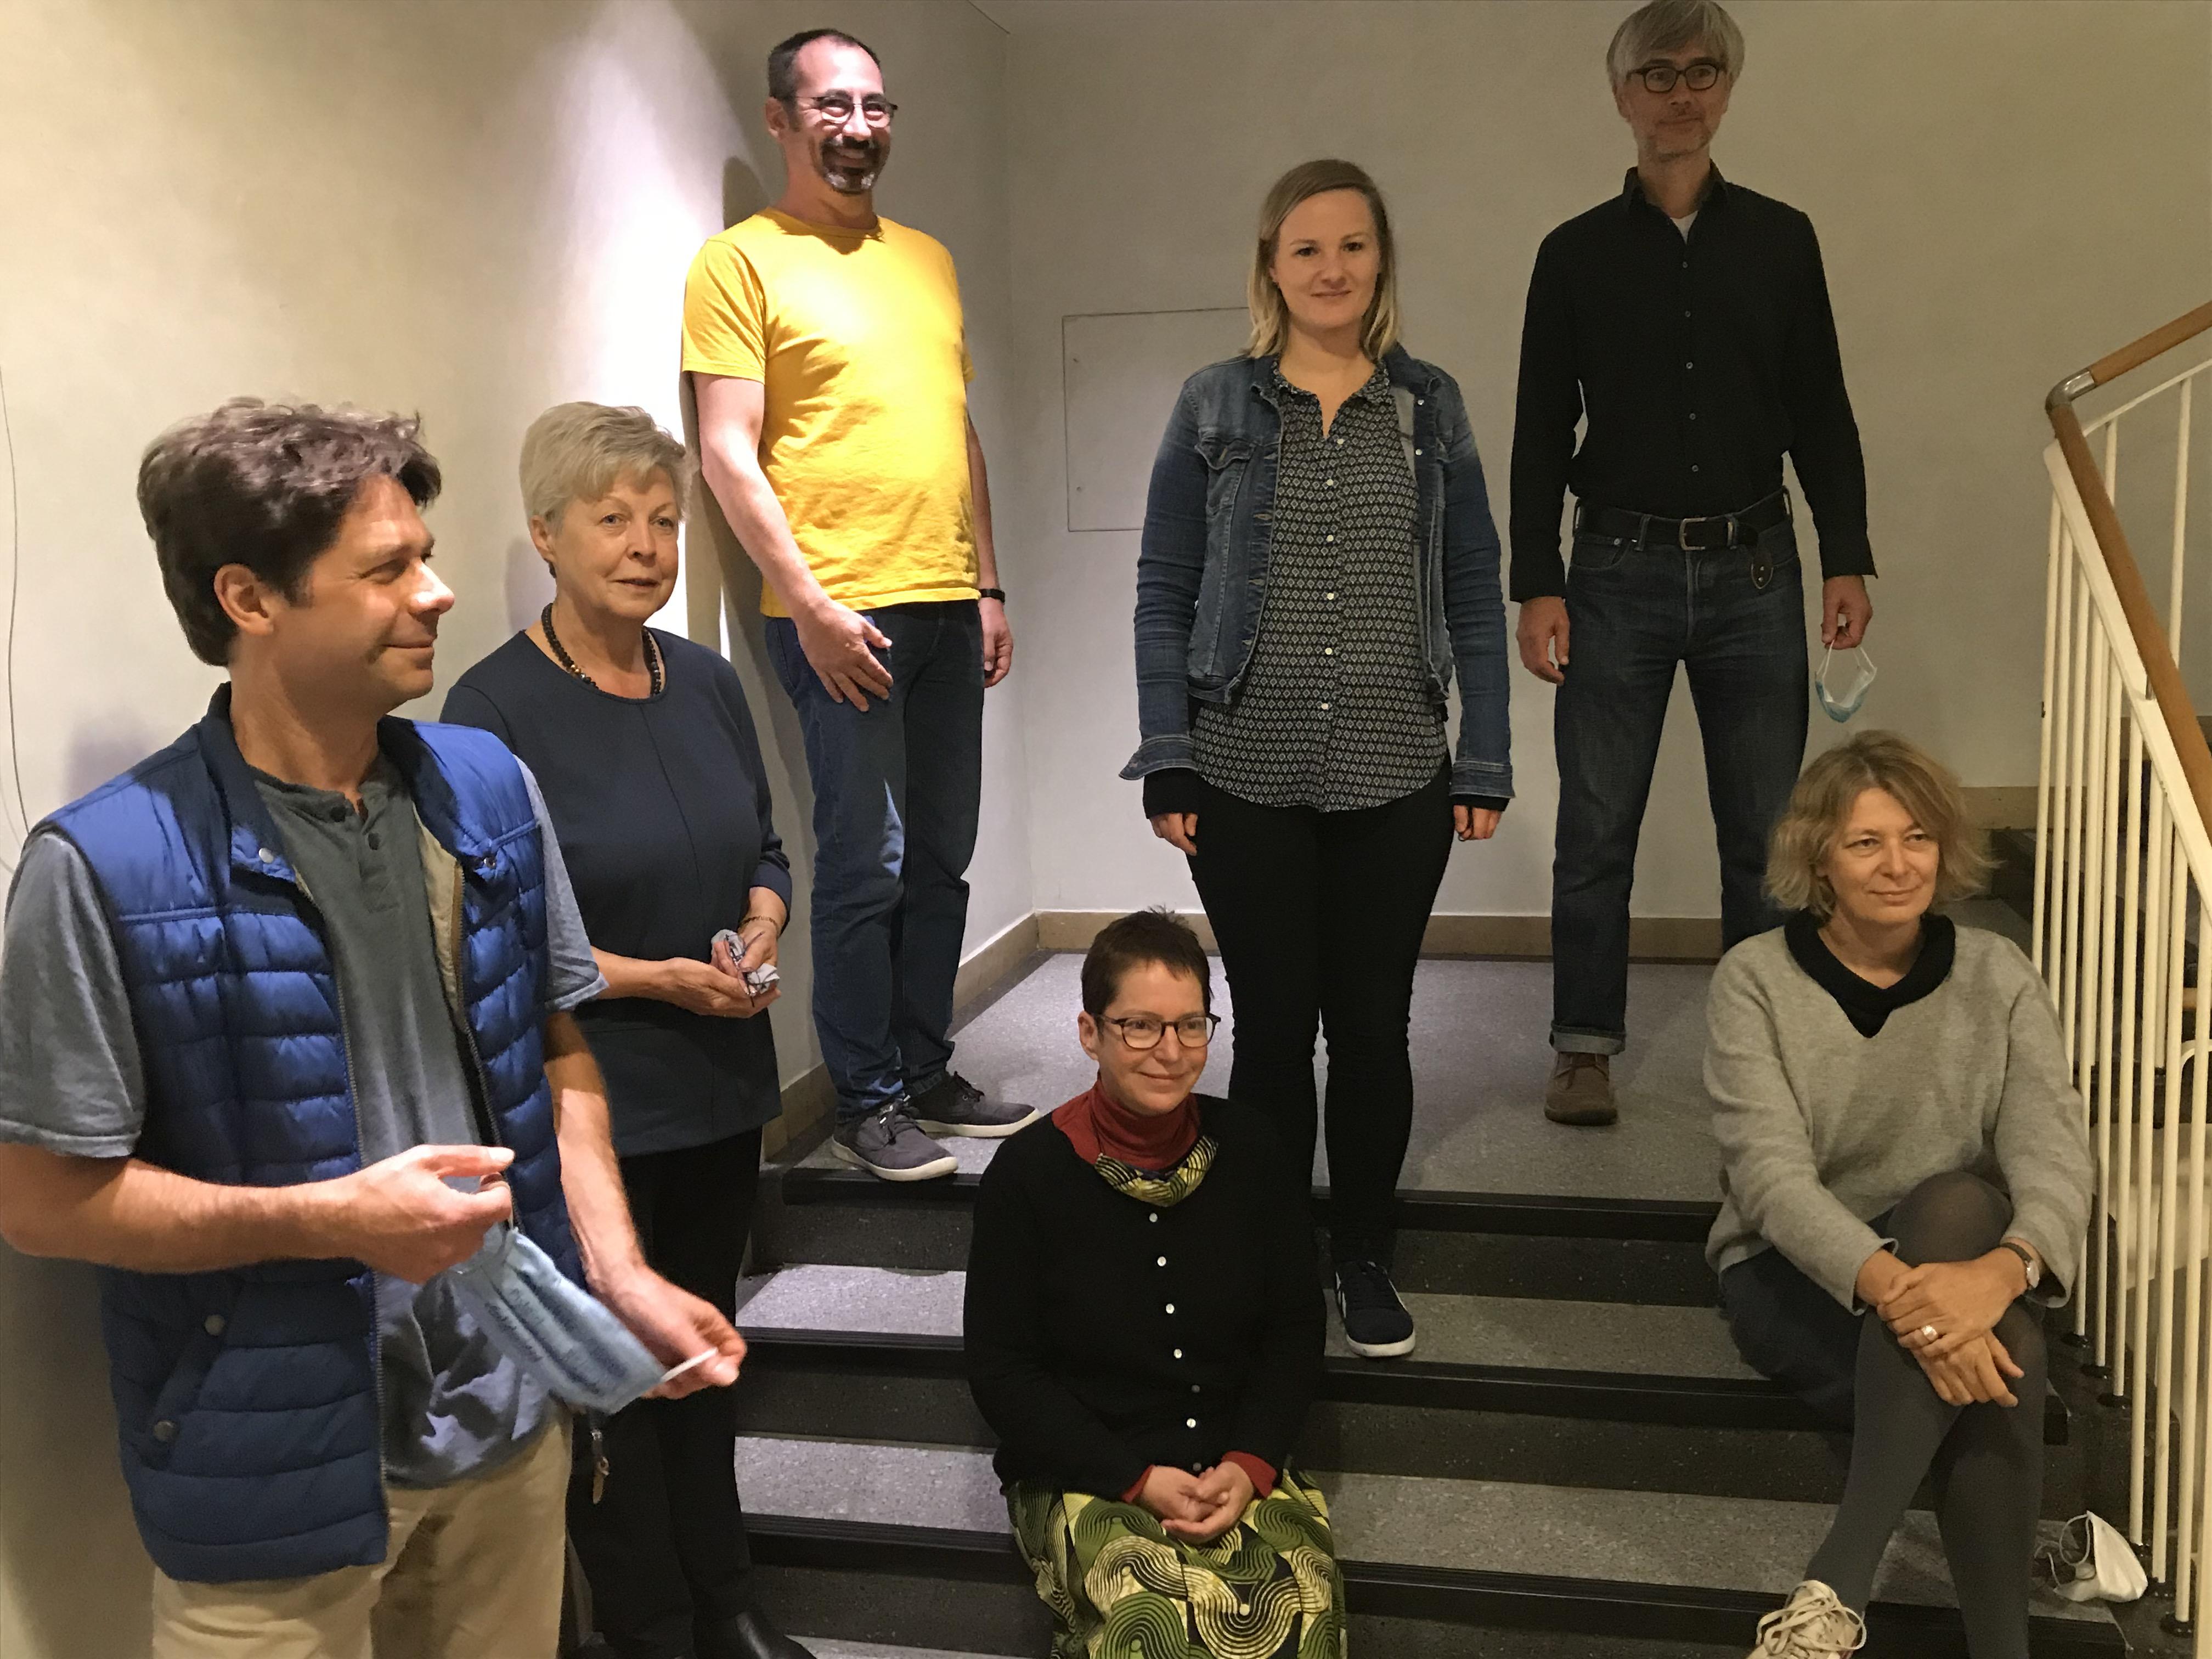 AGDF Vorstand 2020. von links: Christof Starke, Christine Busch, Rainer Gertzen, Anthea Bethge, Petra Schachner, Stephan Langenberg und Jutta Weduwen